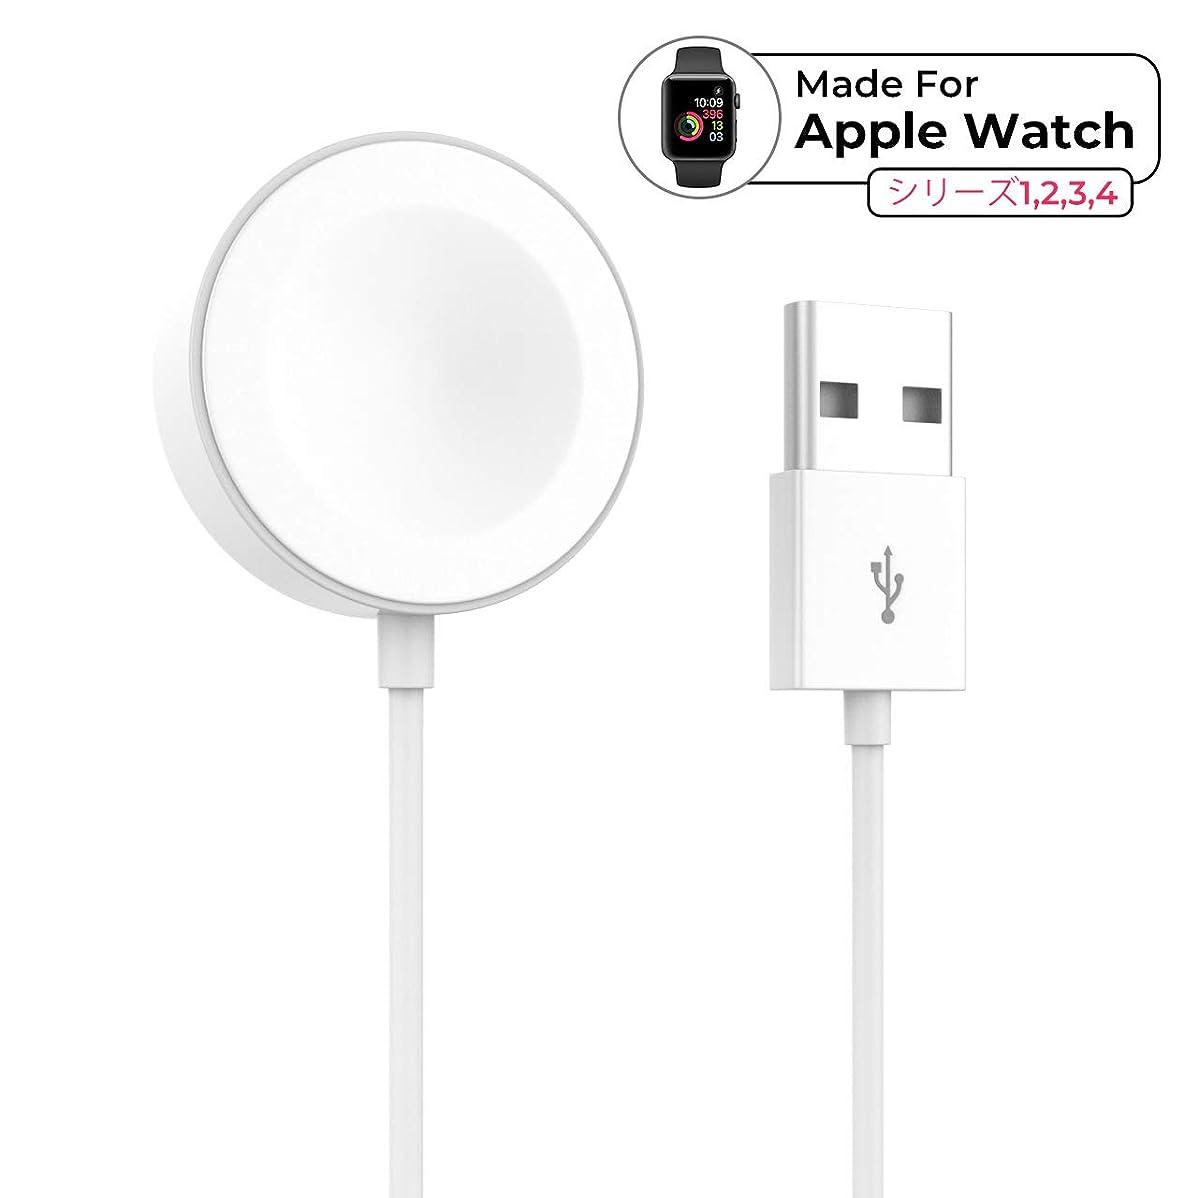 候補者床を掃除するタンザニアApple Watch 充電ケーブル Apple Watch充電 Series 1/ 2/3/4/5 に対応 ワイヤレス 磁気タイプ 互換性あり 充電ケーブル付き(ホワイト)